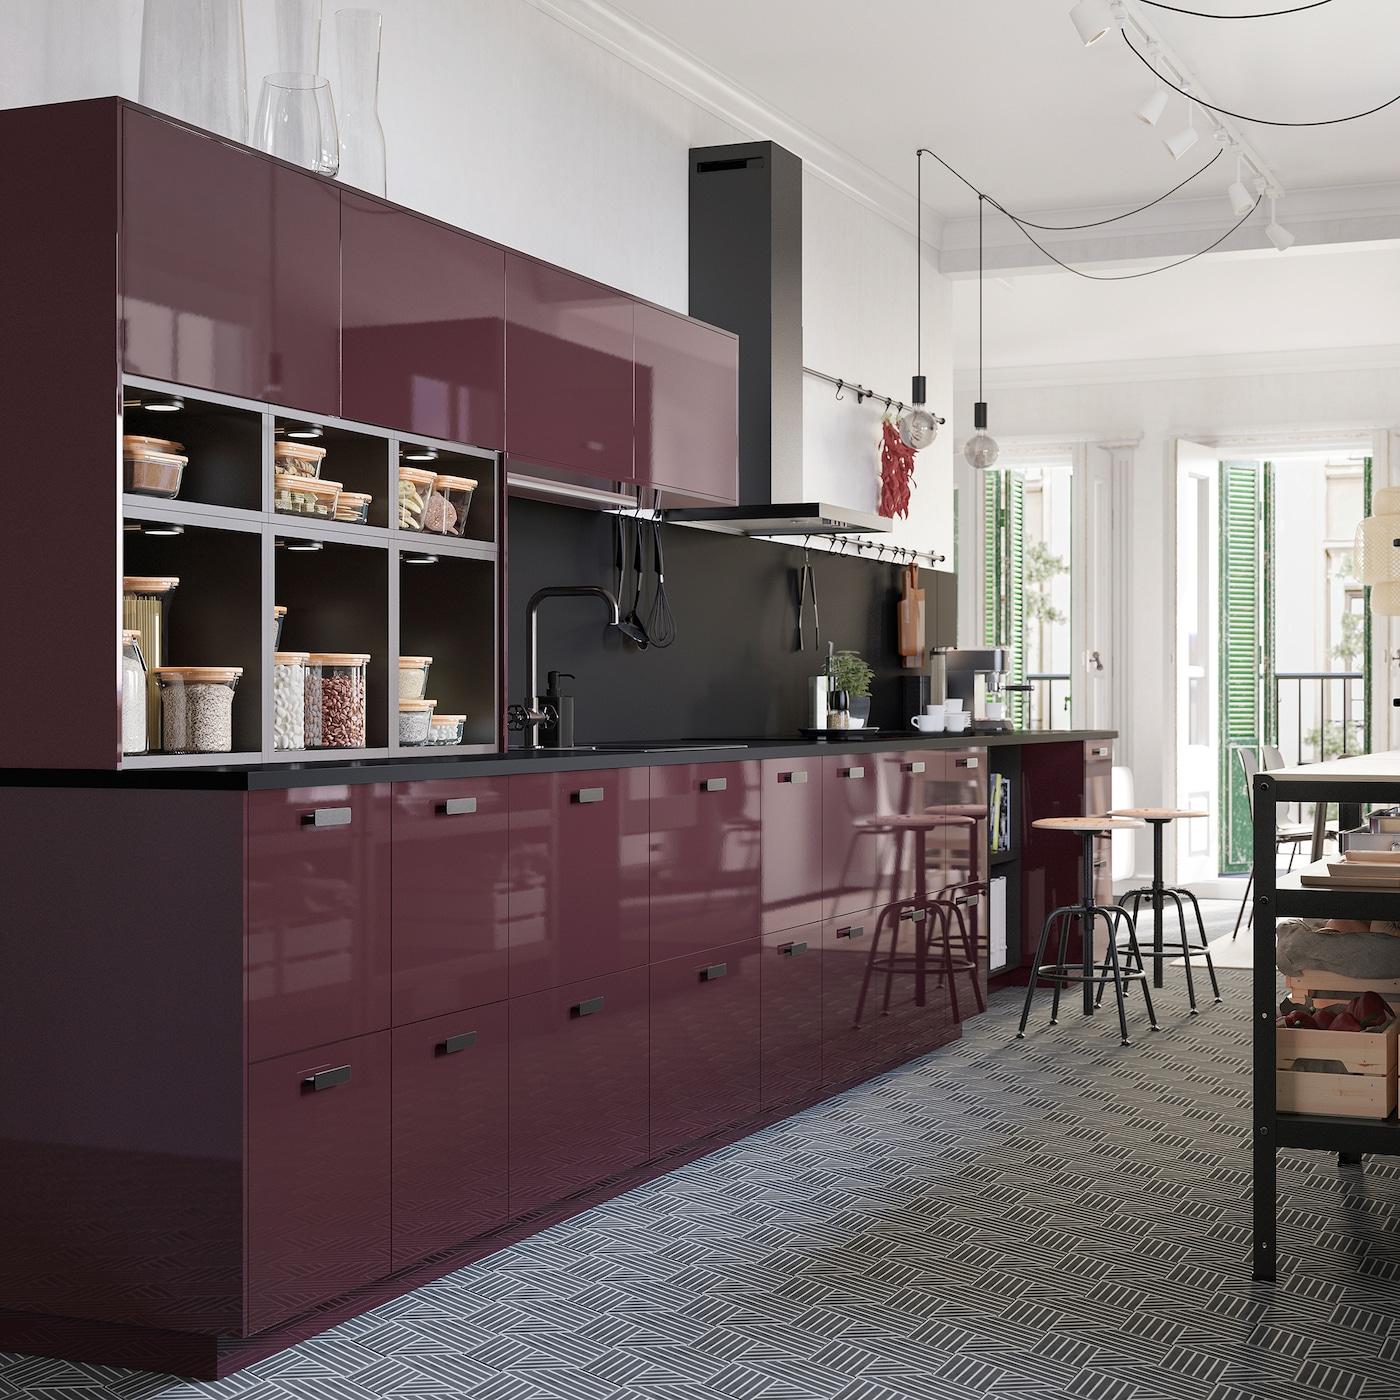 مطبخ شديد اللمعان بلون أحمر- بني داكن وأرضية بنقوش سداسية ولمبات إضاءة مكشوفة على حبال تتدلى من السقف.